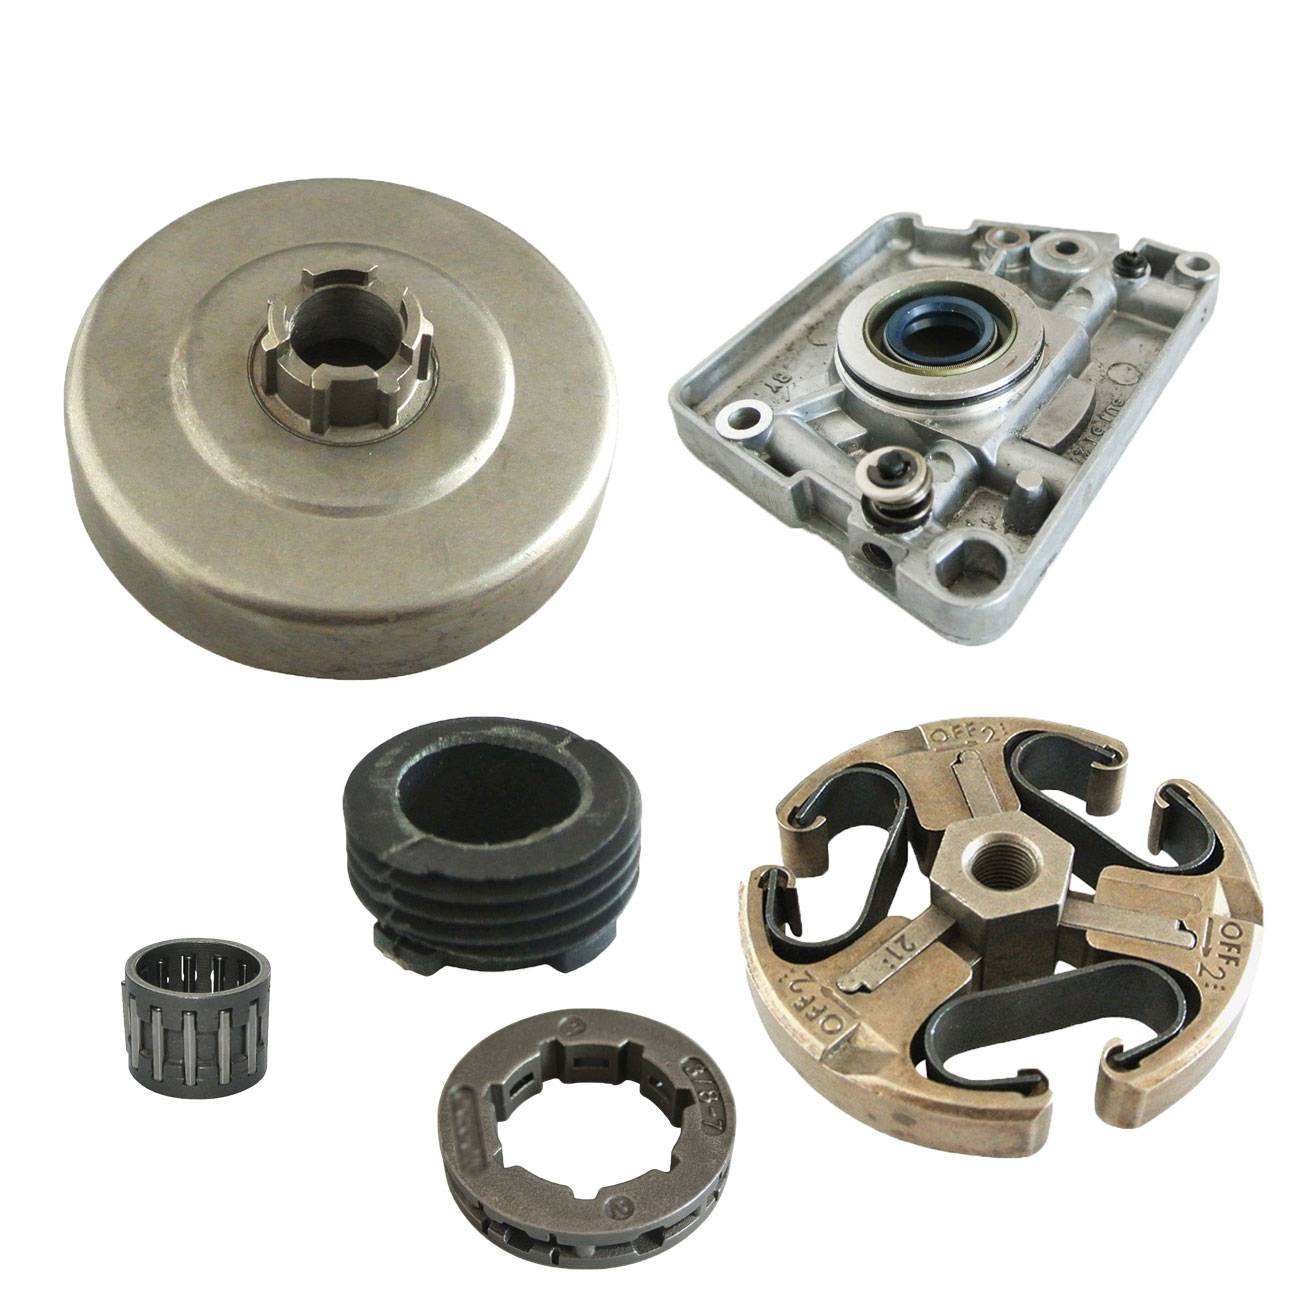 3 8 clutch drum 3/8 7T Tooth Clutch Drum Rim Sprocket & Worm Gear Fit HUSQVARNA 266 268 272 61